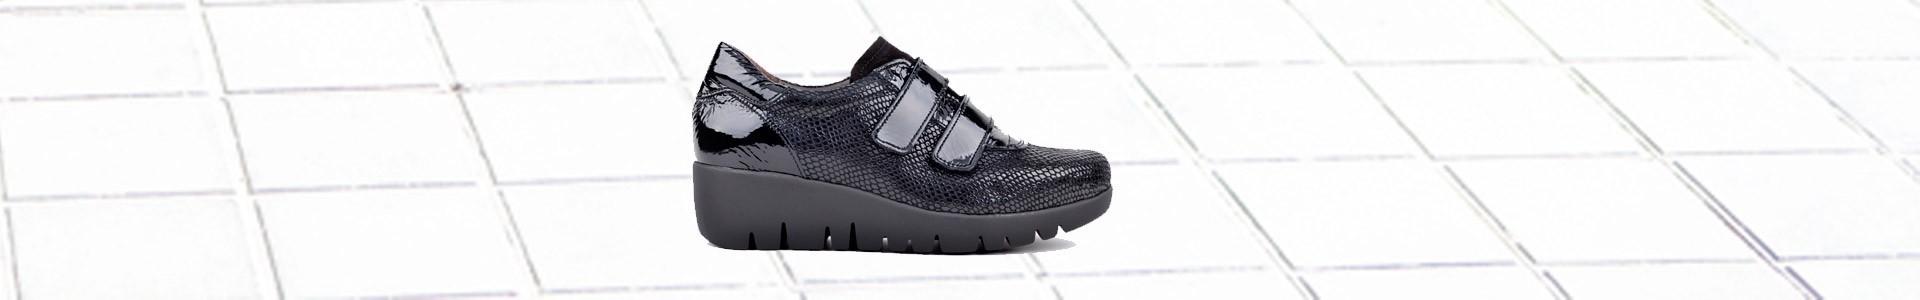 scarpe cuneo